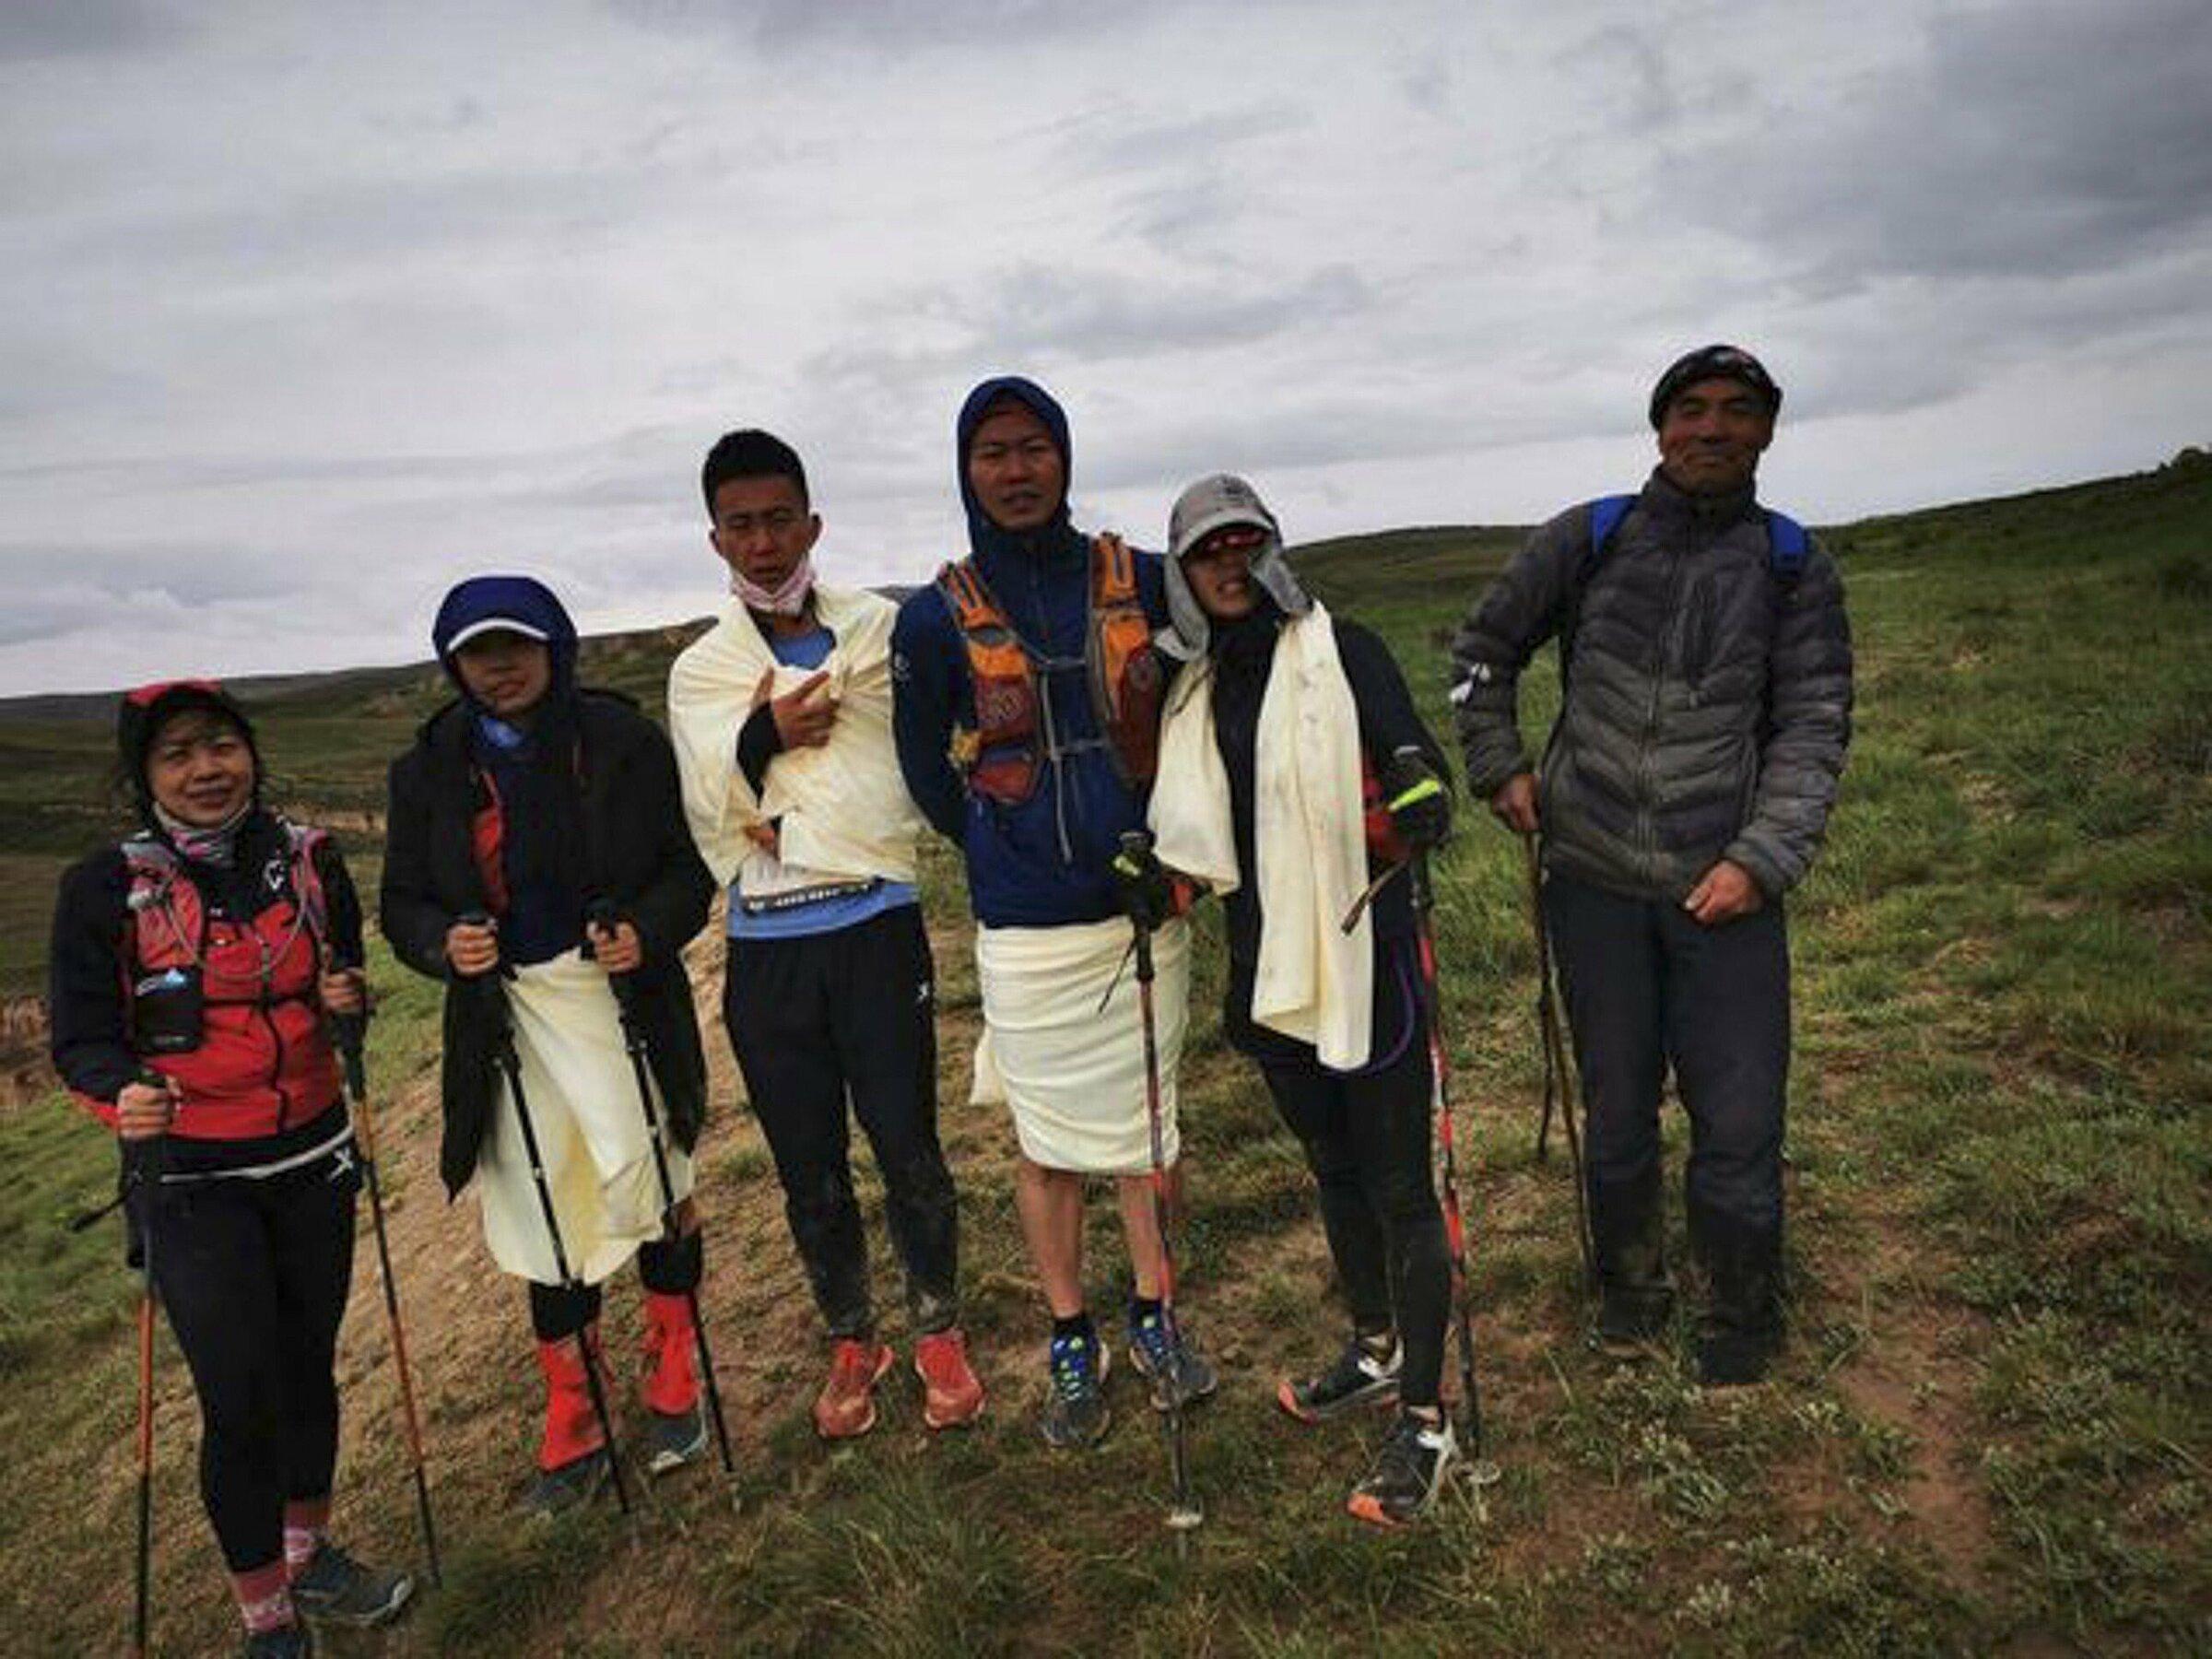 Năm VĐV được giải cứu chụp ảnh lưu niệm vói ân nhân - người chăn cừu Zhu Keming. Ảnh: Handout